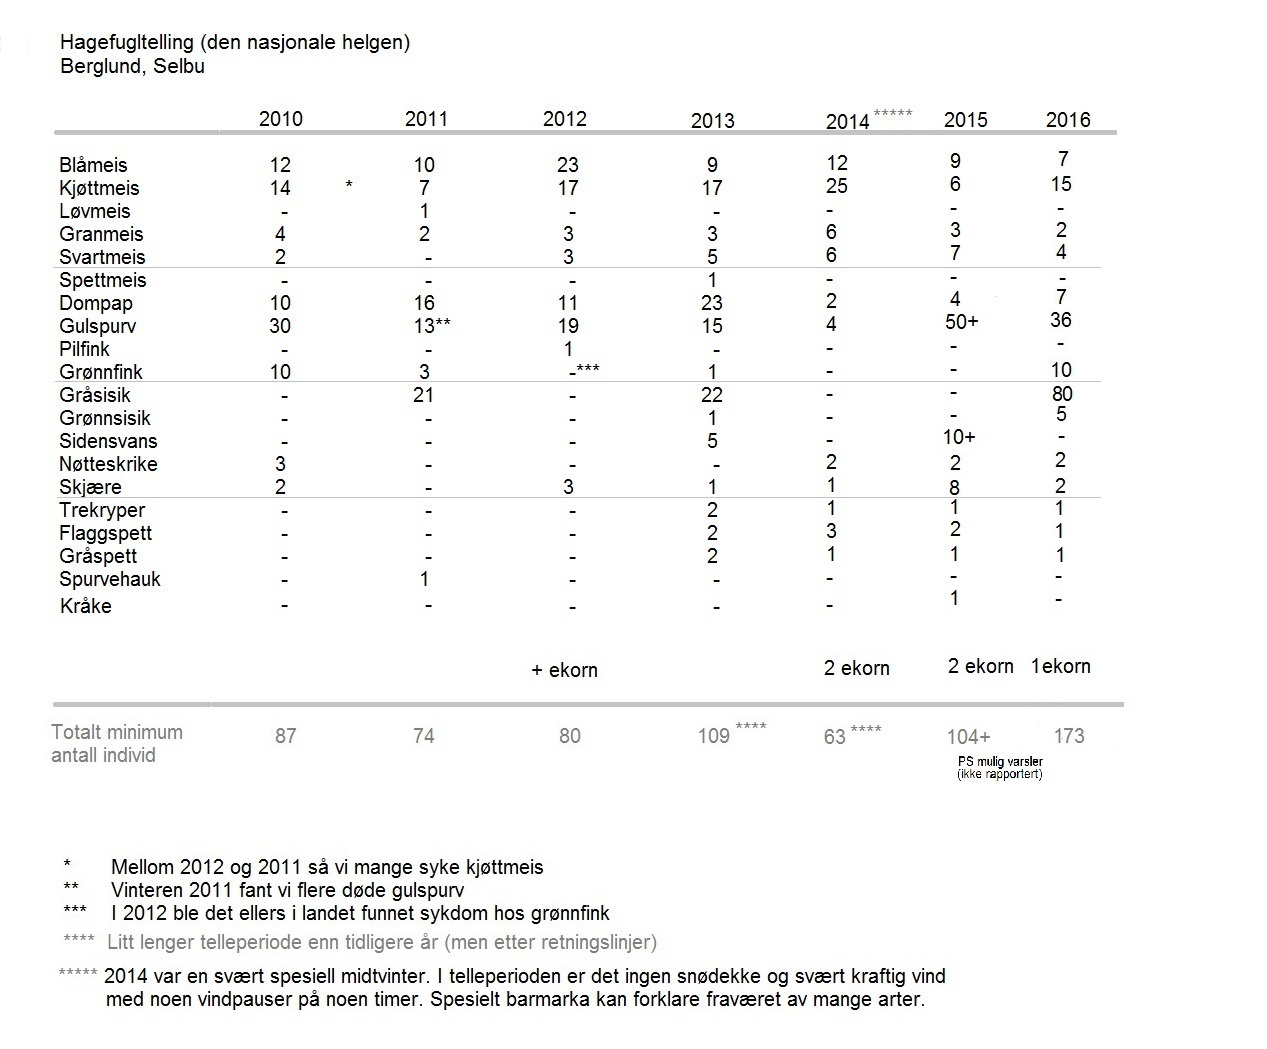 Hagefugltelling-2010-2011-2012-2013-2014-2015-2016